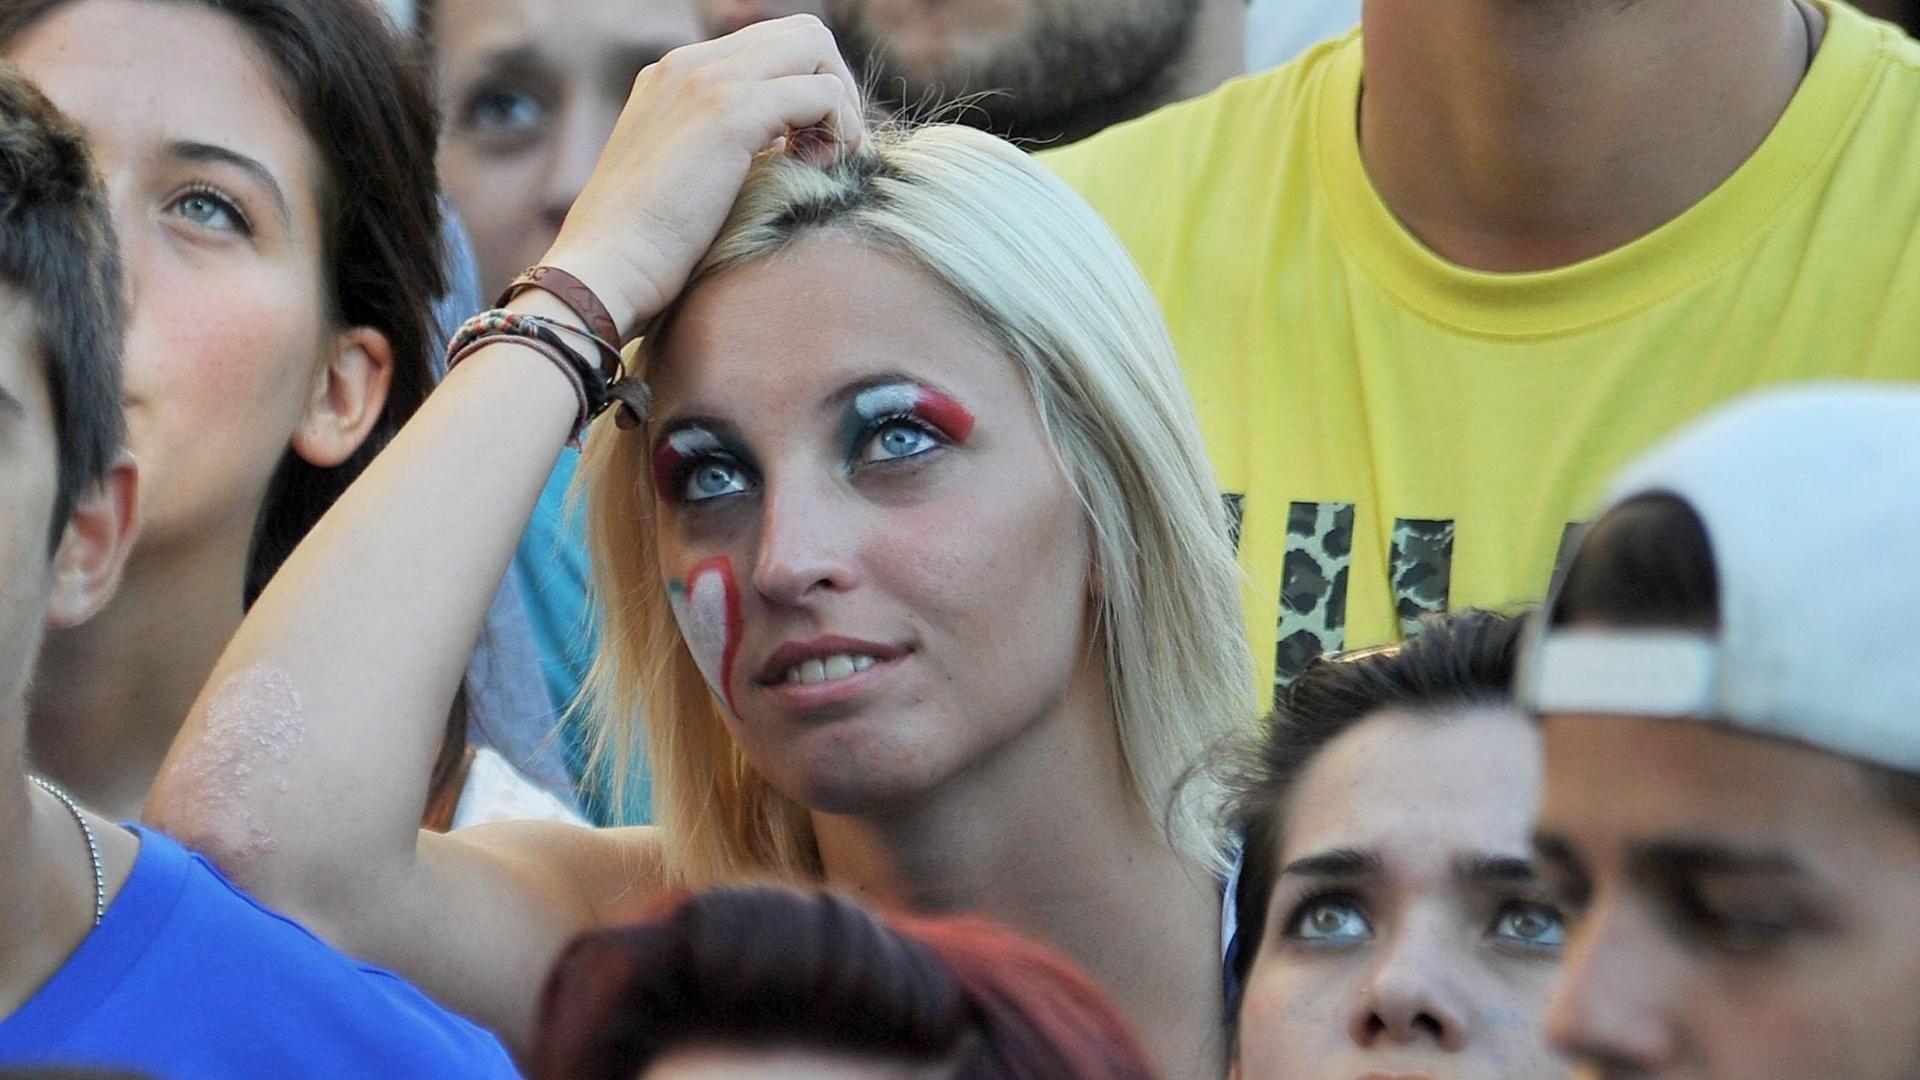 A bela torcedora italiana pintou o rosto para acompanhar de Turim o jogo entre Itália e Costa Rica